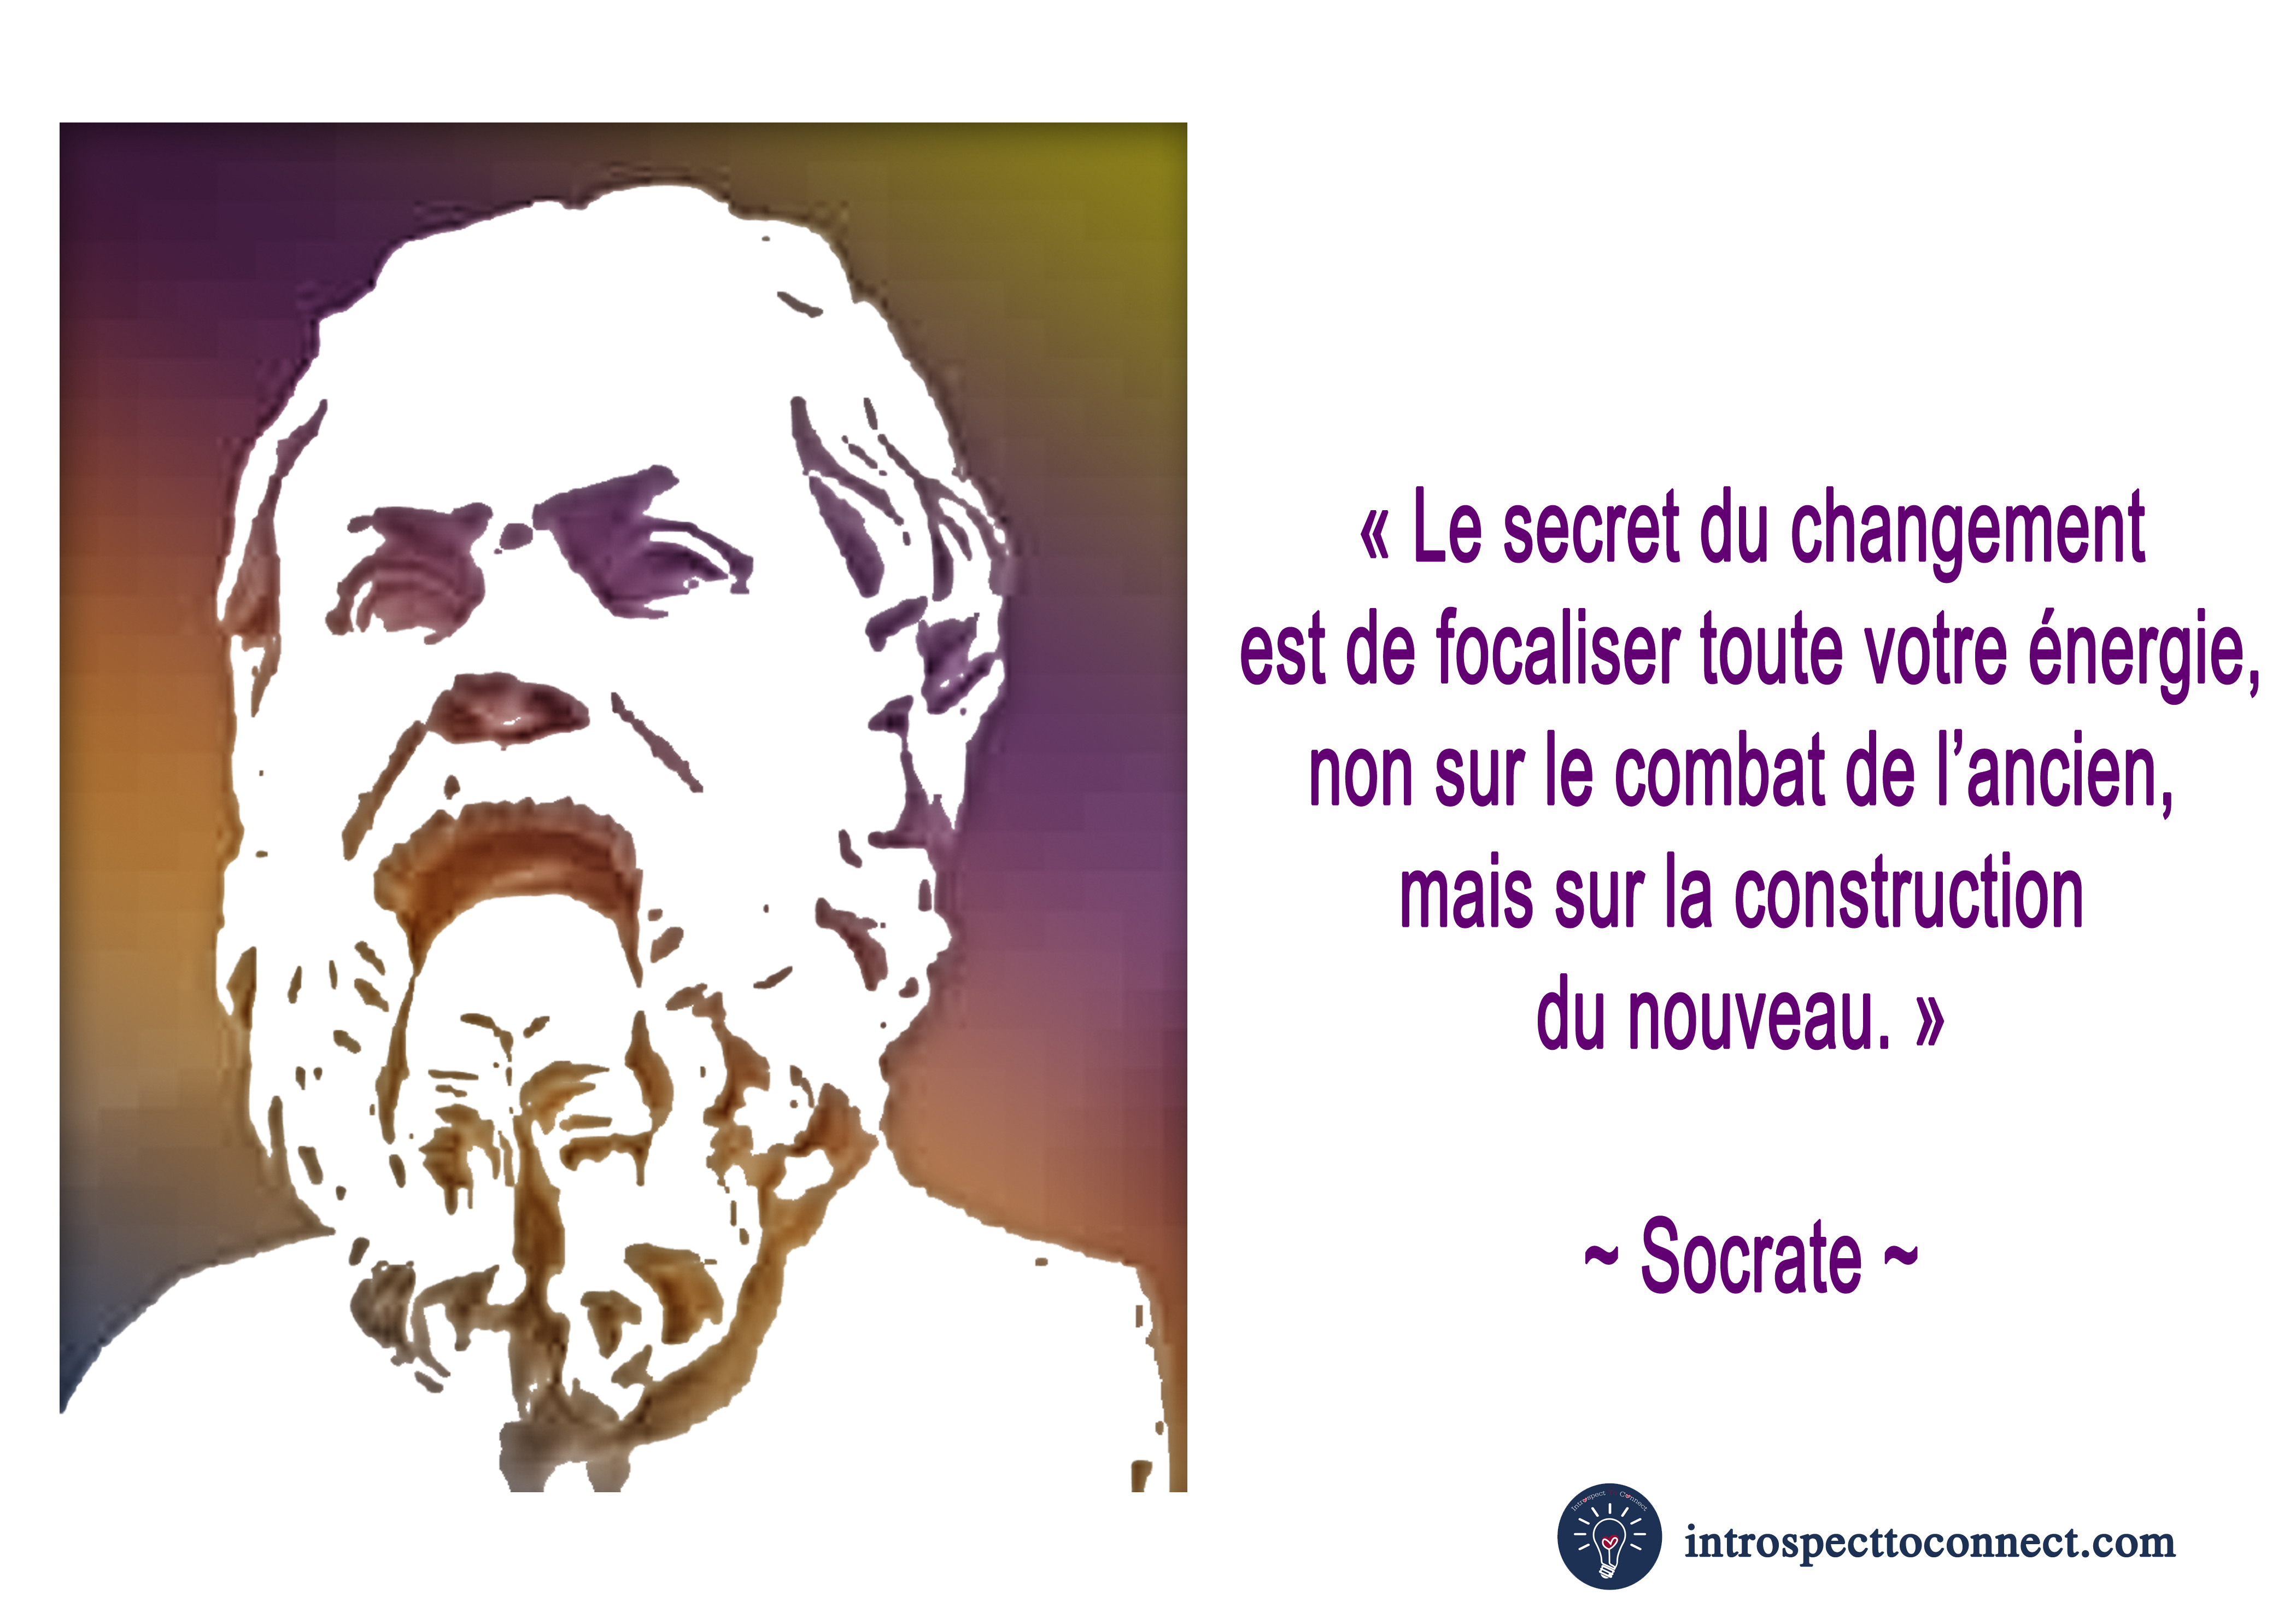 changement 14 SOCRATE 2 copie.jpg